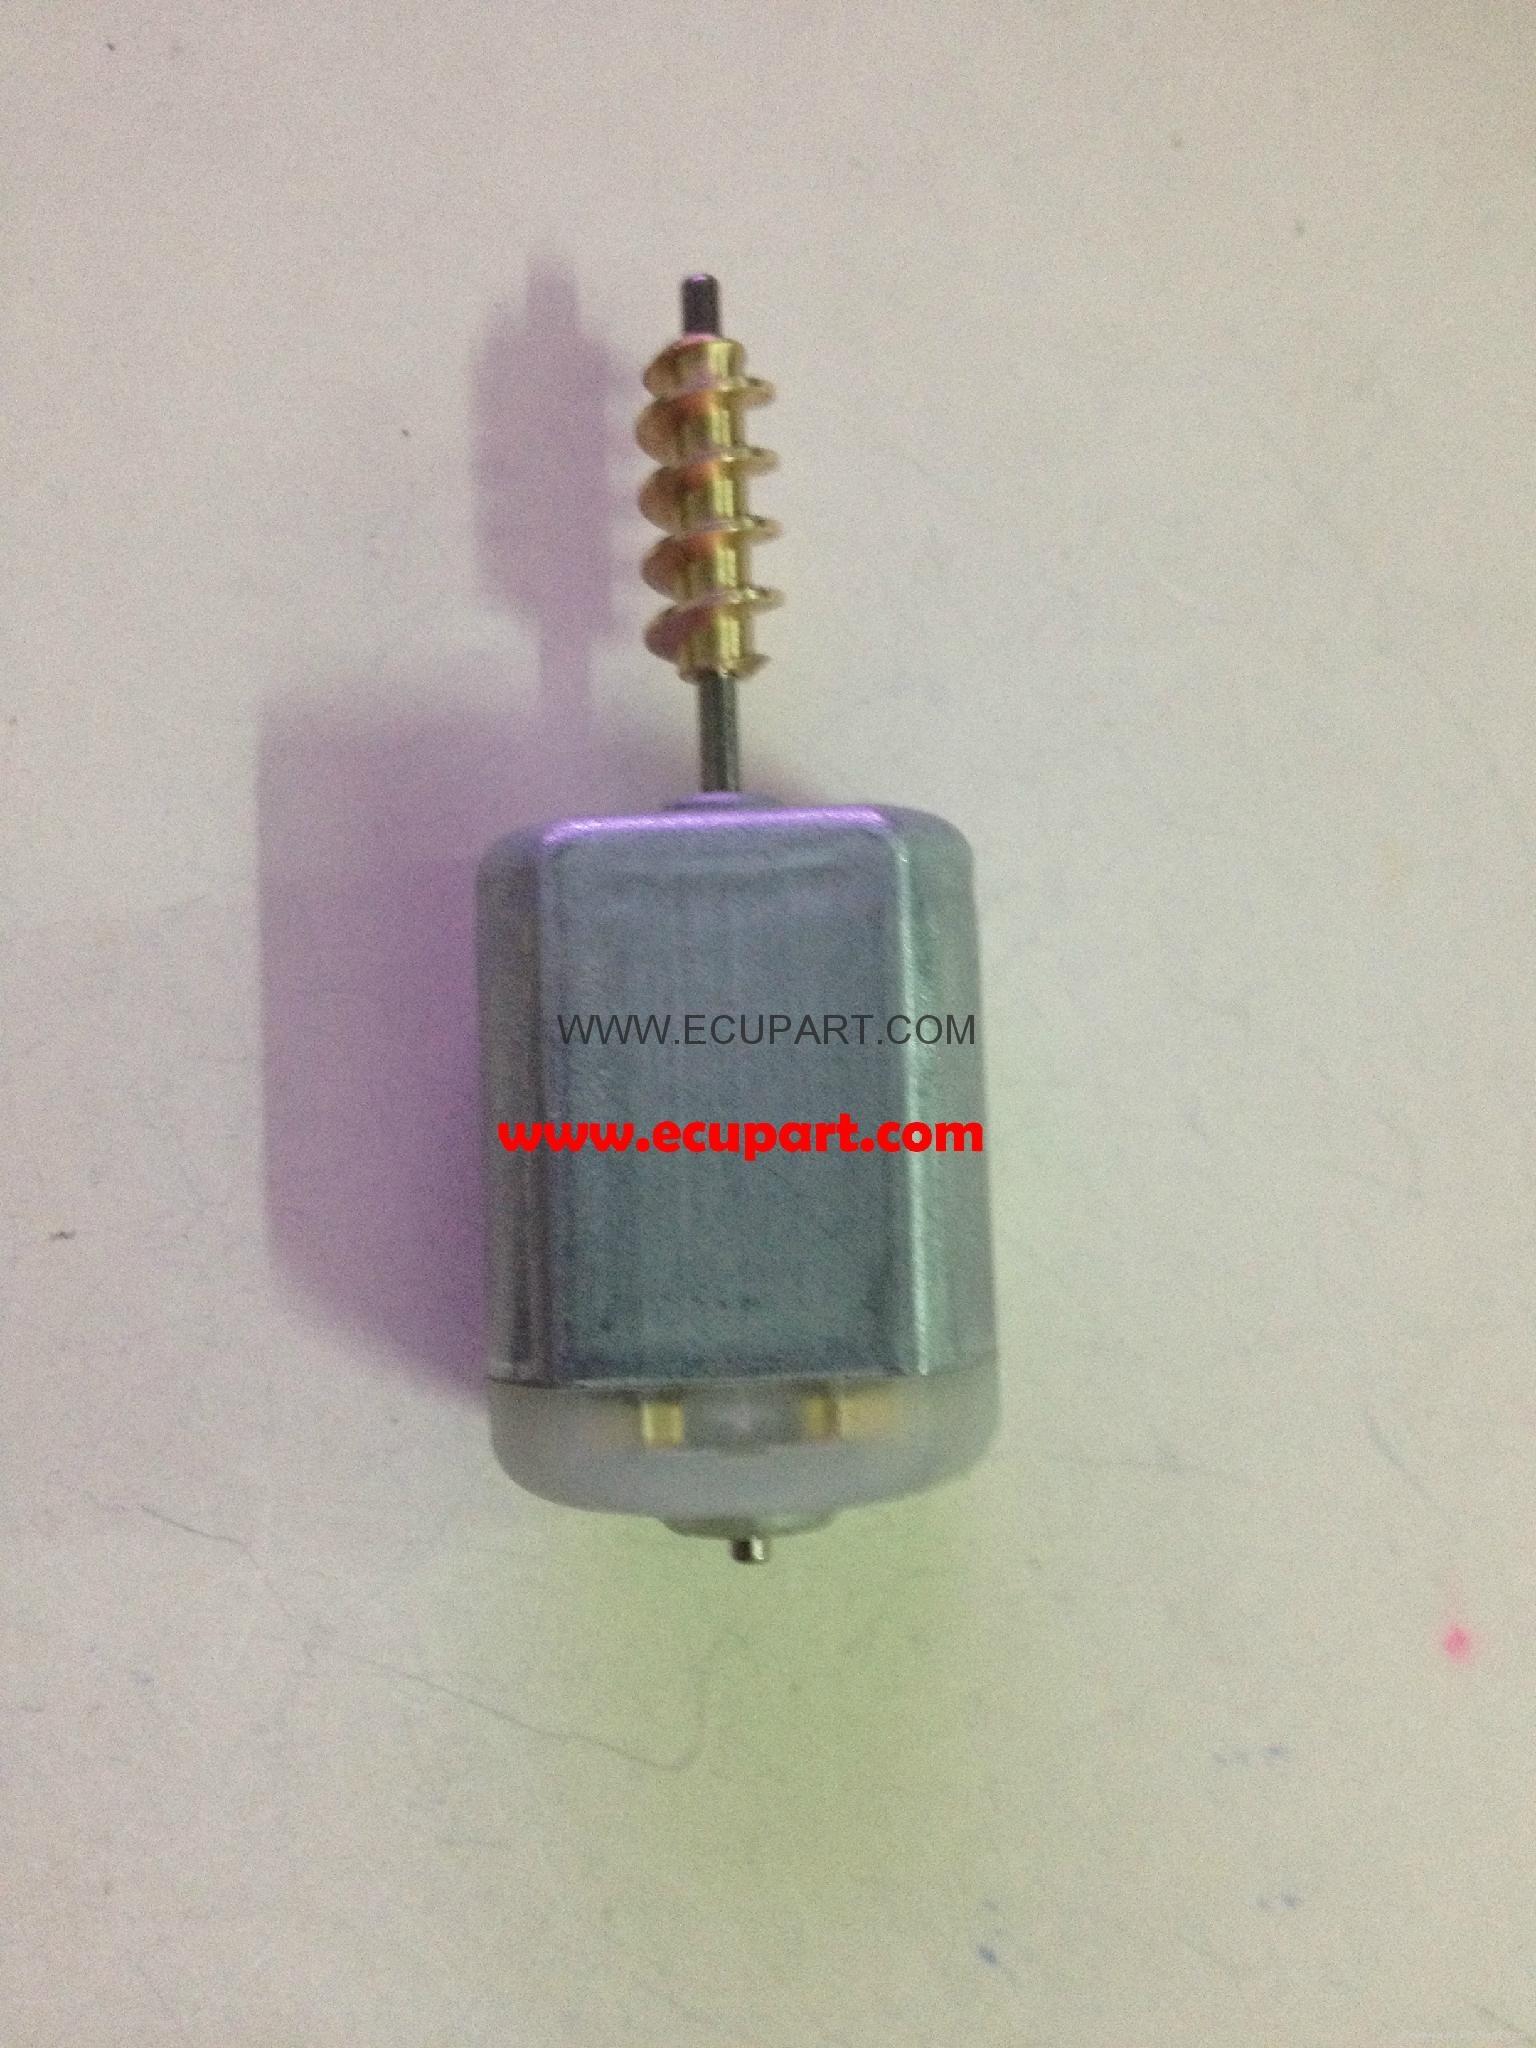 奔驰车门电机C180 C200 C220 C230 C250 C280 C300 C320 C350 C63 1